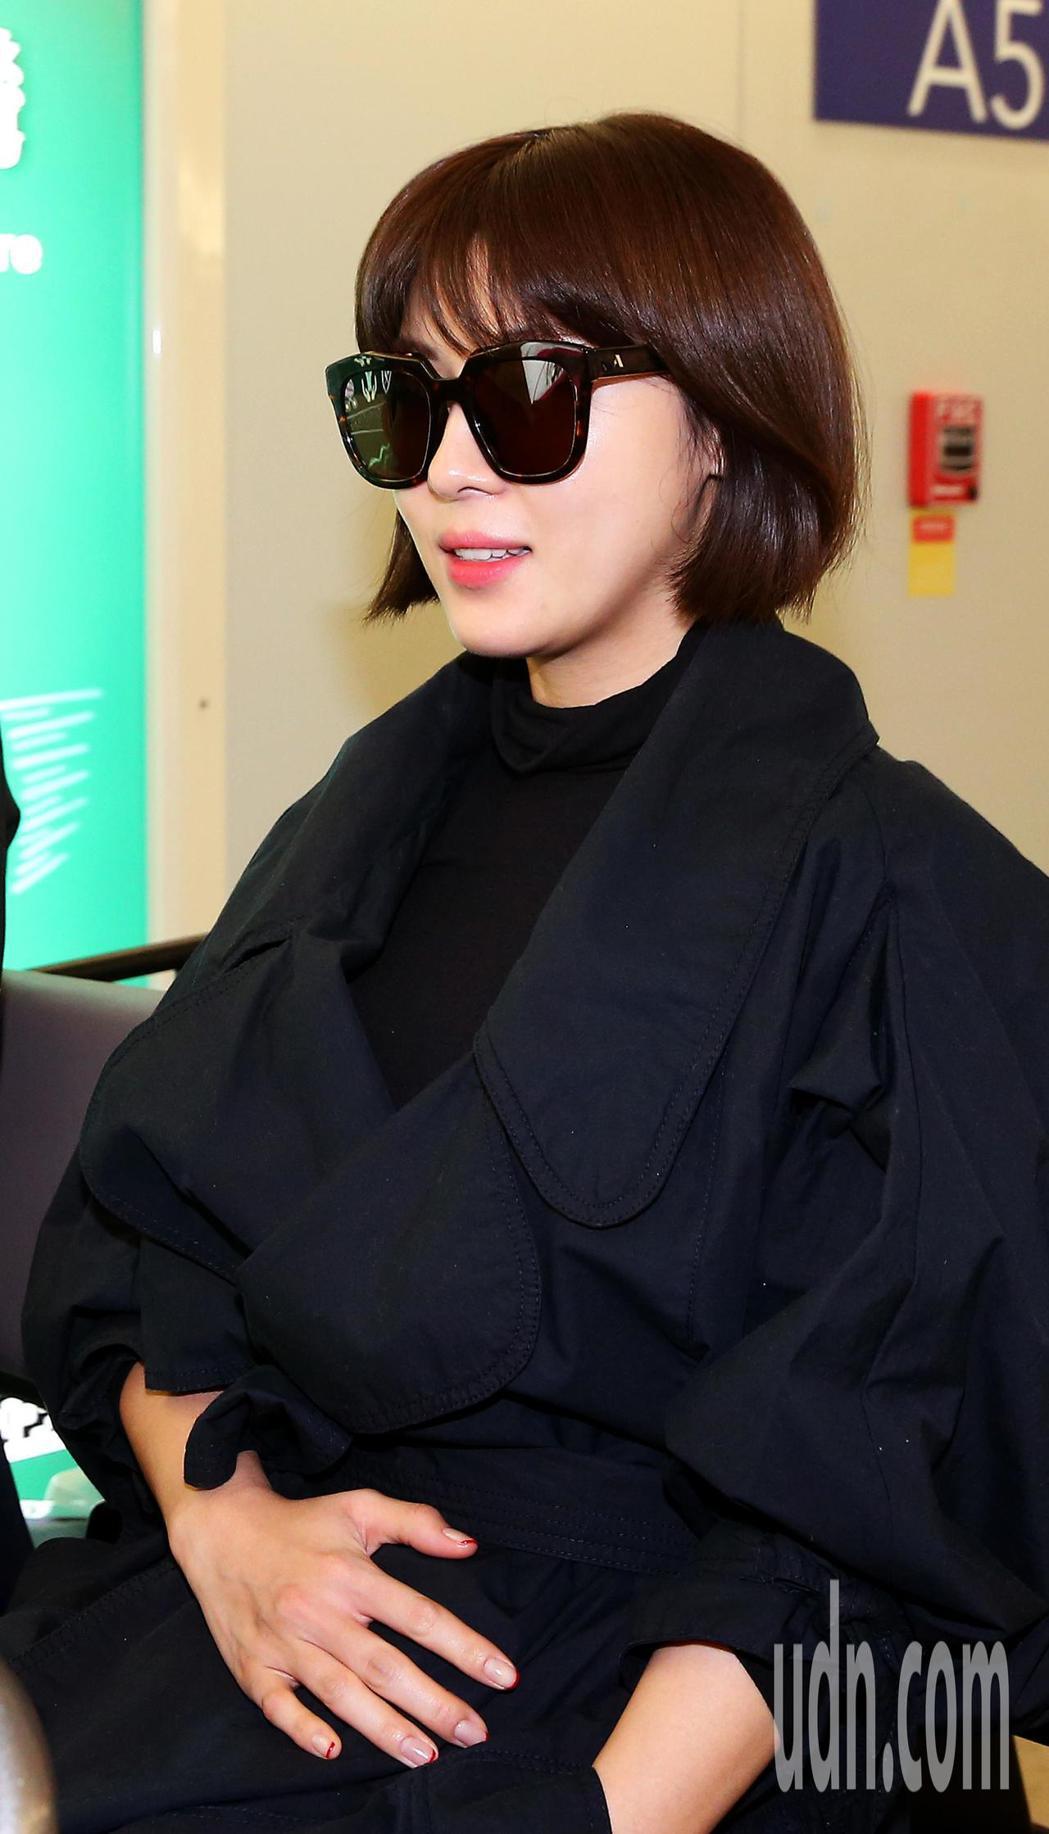 南韓藝人河智苑22日中午搭機抵達桃園機場。記者陳嘉寧/攝影